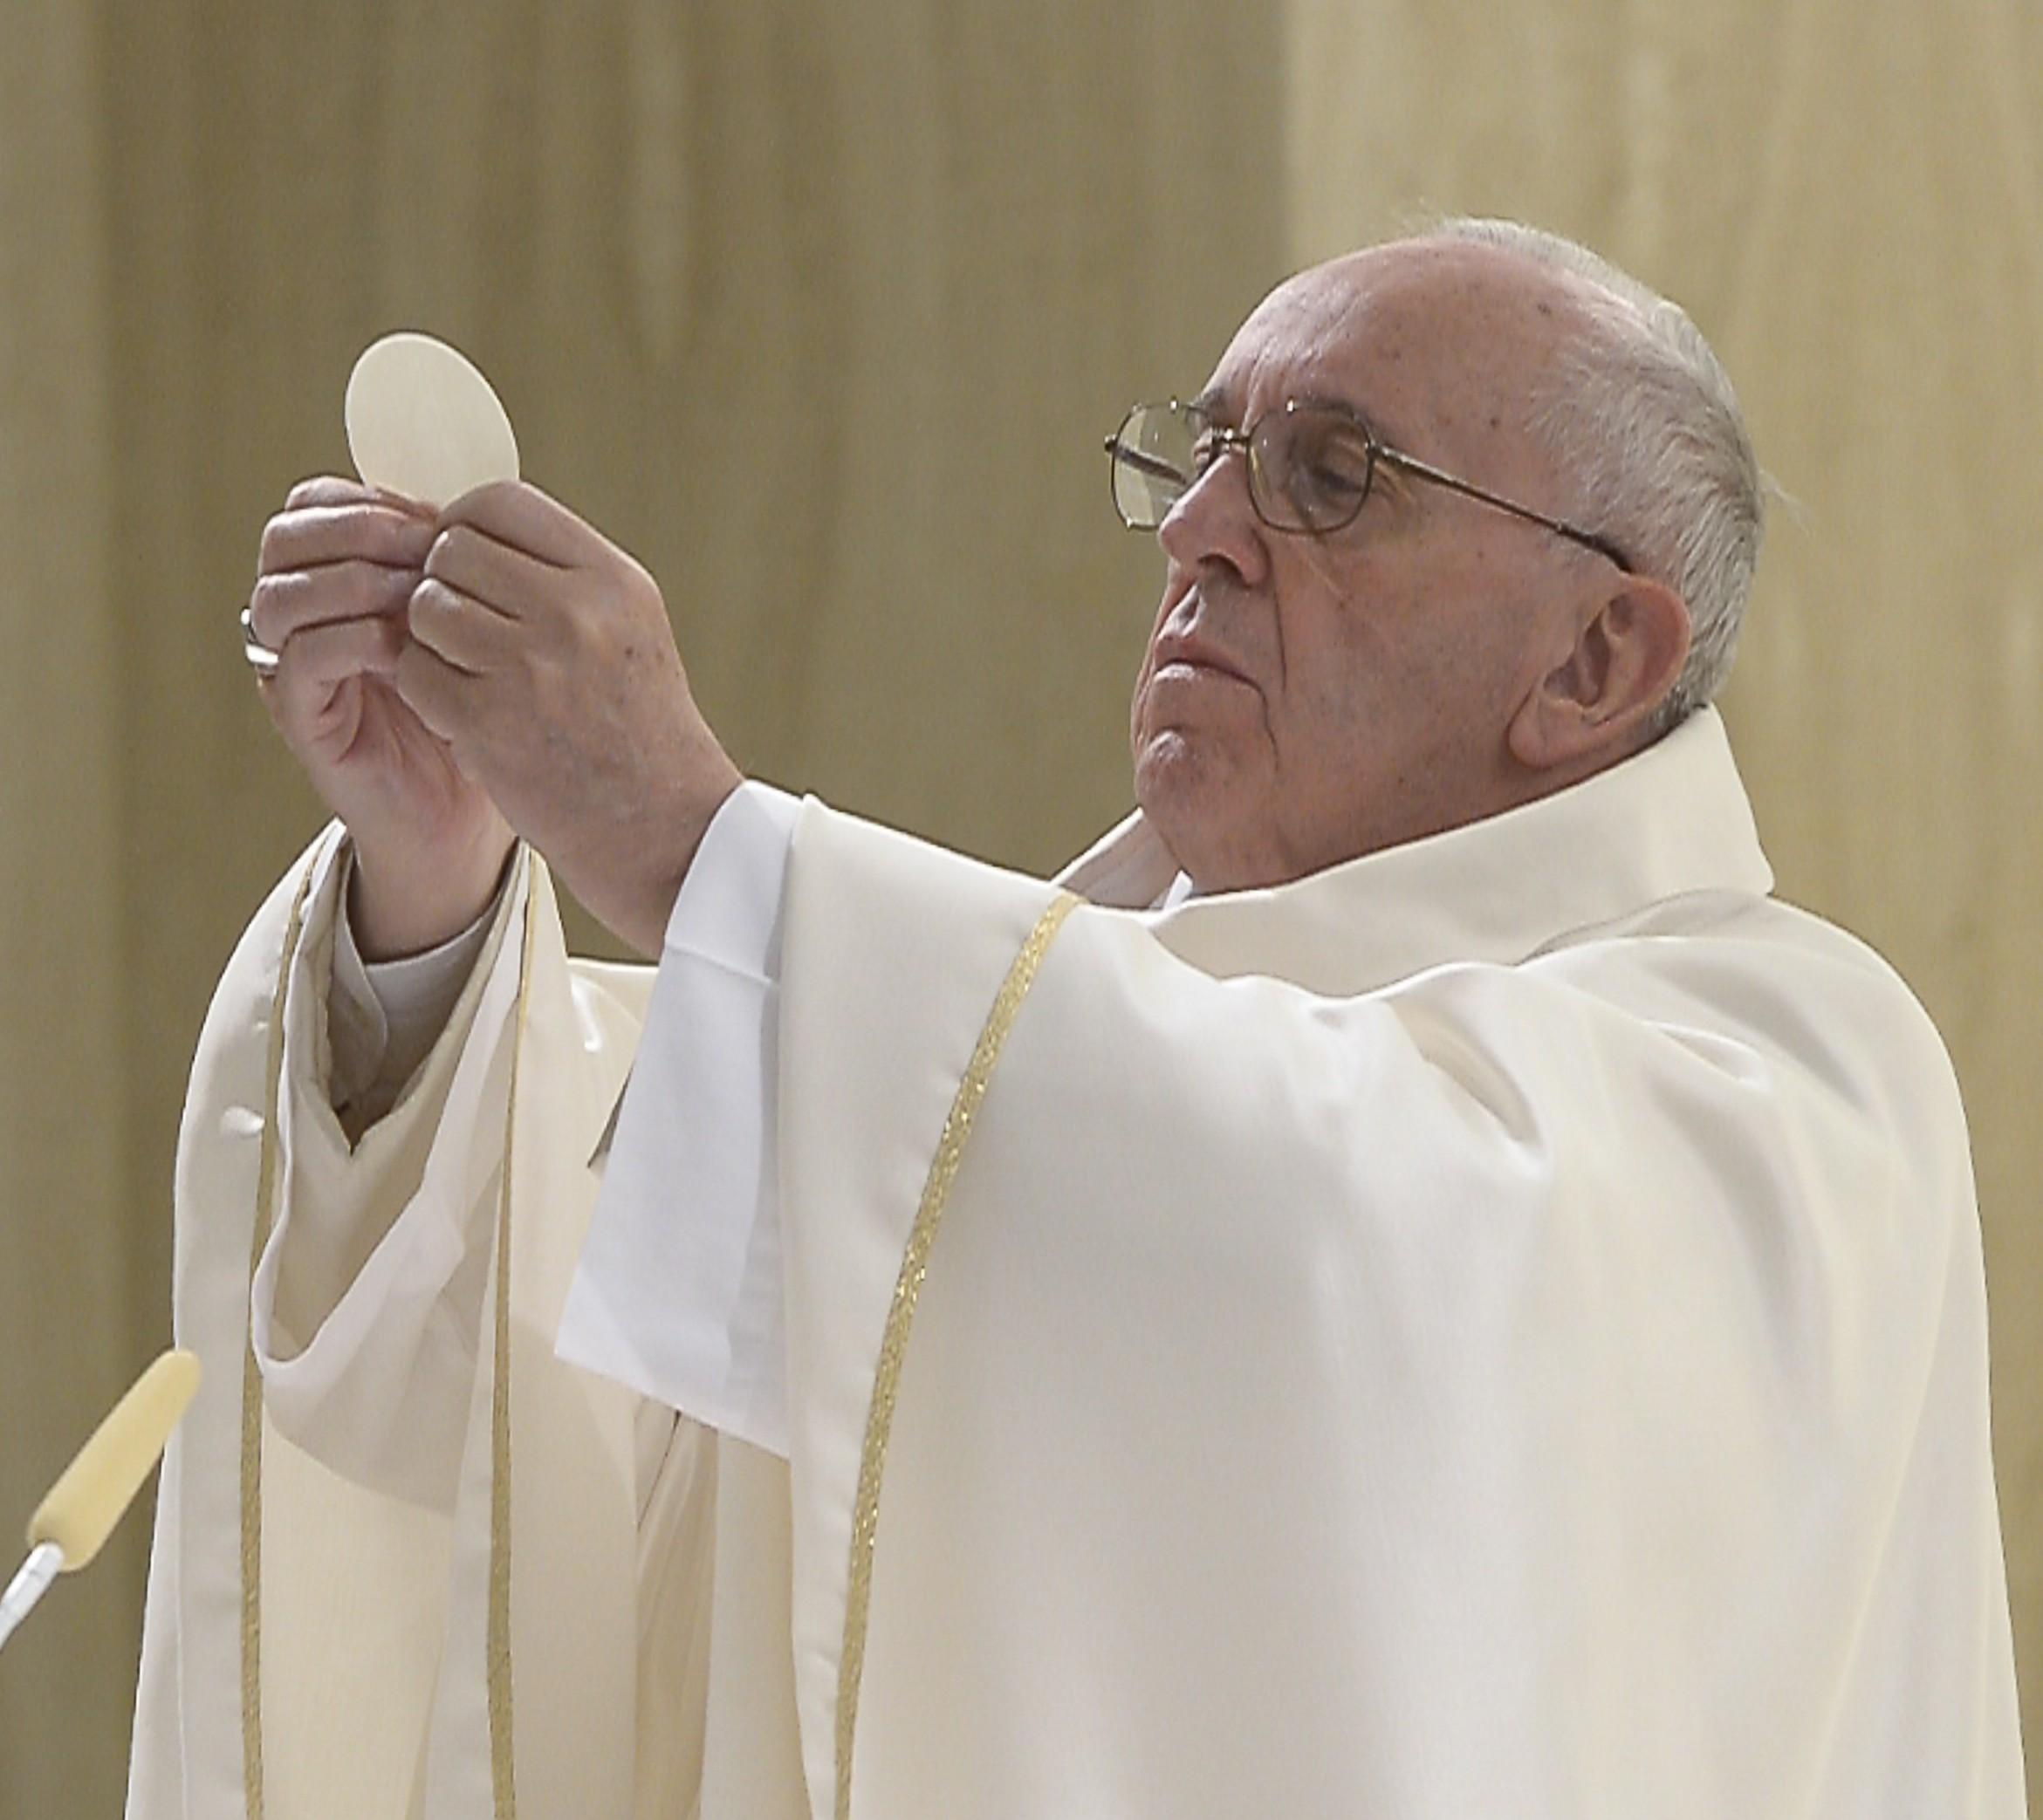 El papa Francisco en la misa en la Domus Santa Marta (15 de abril de 2016) (Foto copyright Osservatore Romano)